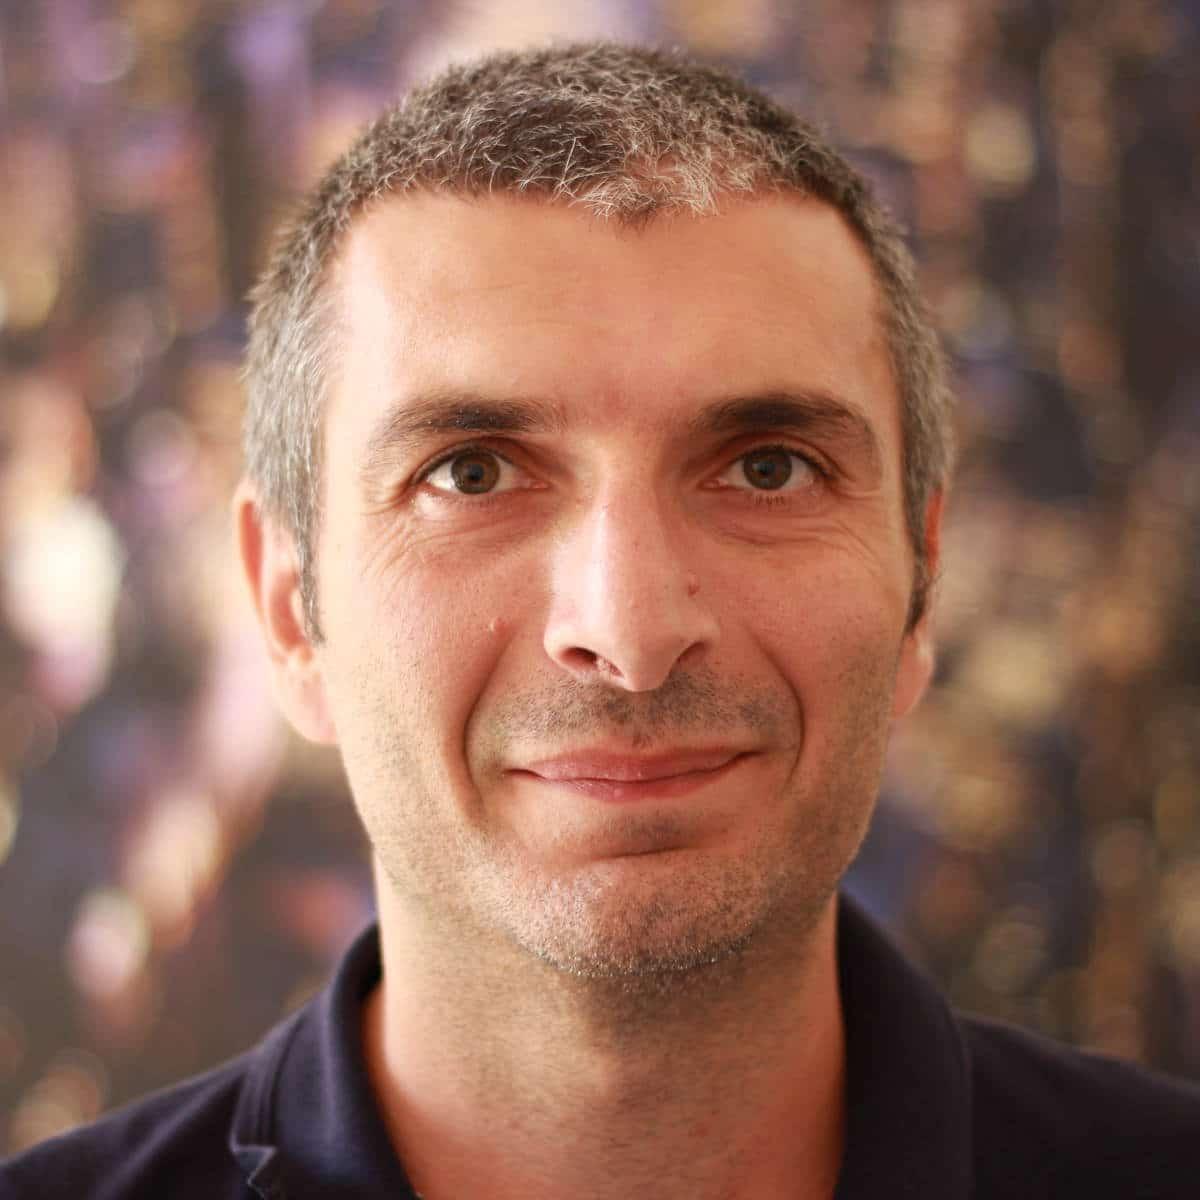 Silvio-Porcellana-I-Miei-Corsi-Online